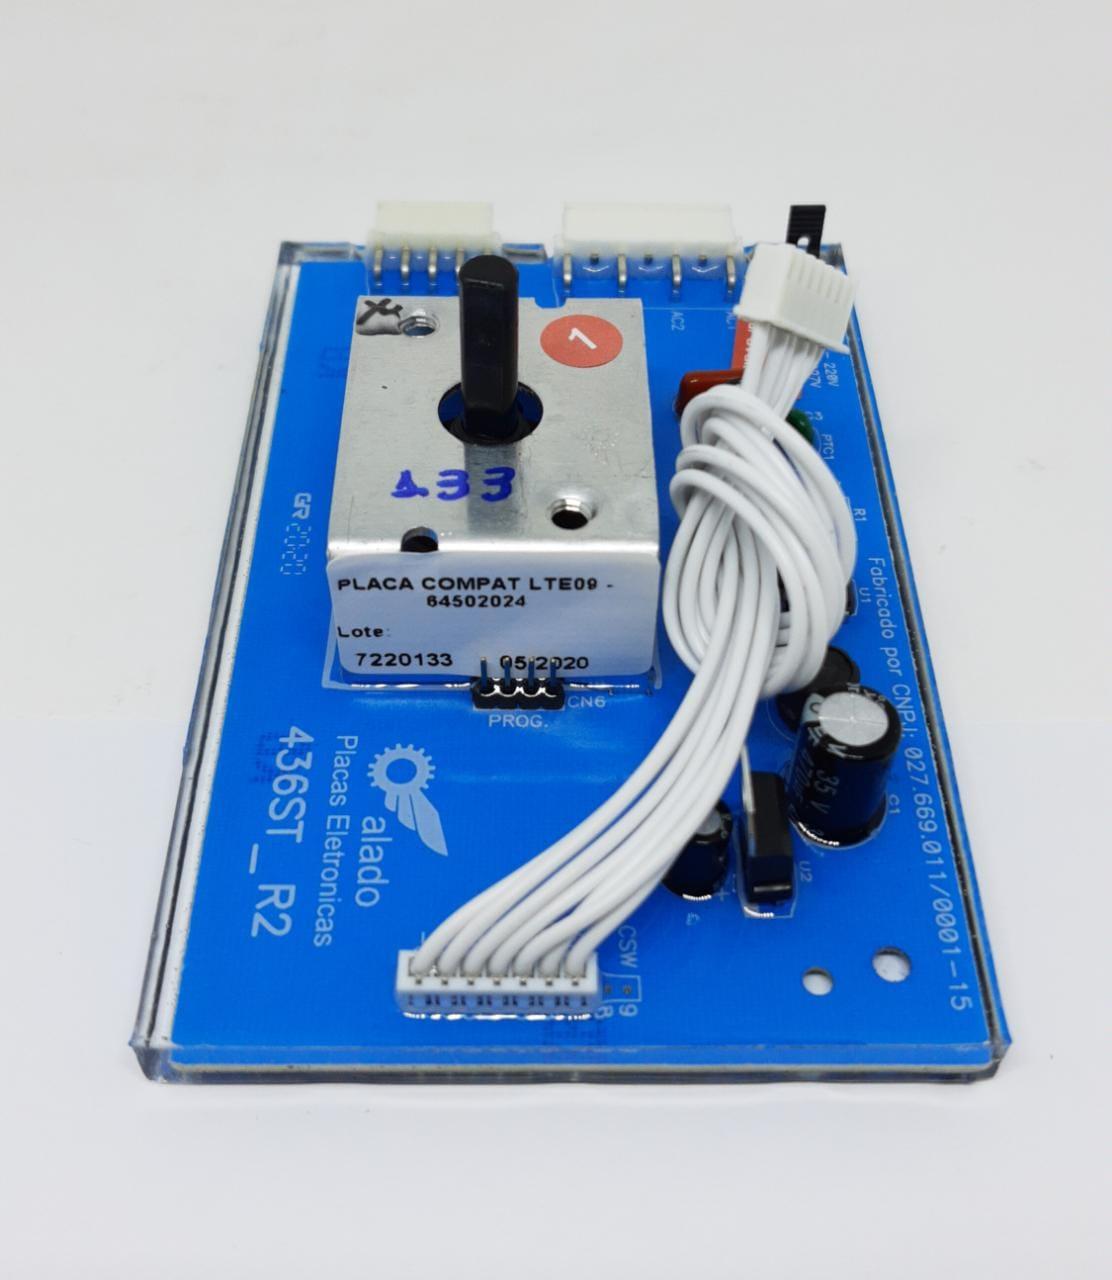 Placa Potencia Electrolux Lte09 70202145 / 70295148 / 70295146- Alado